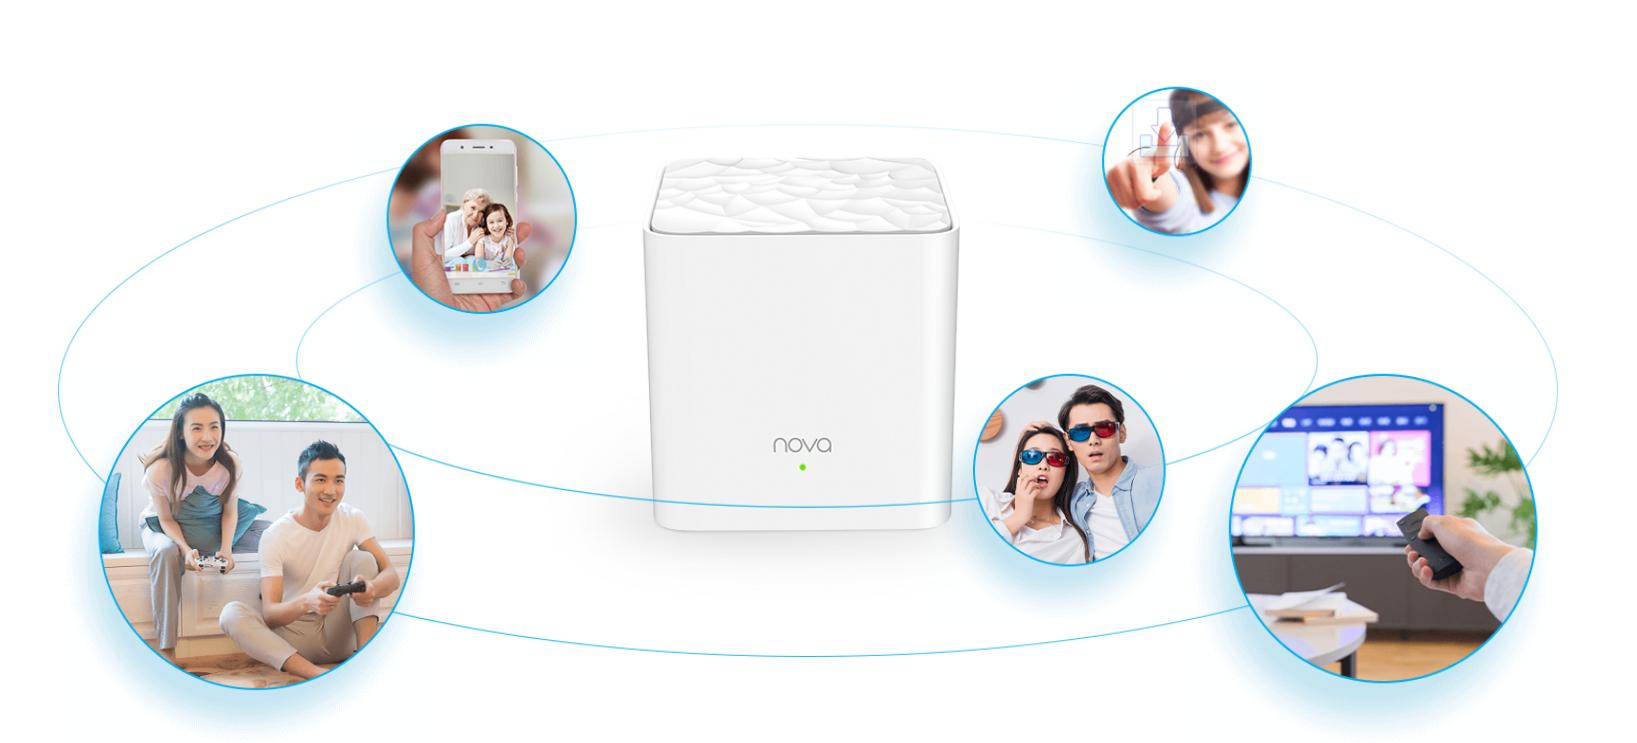 Thiết bị mạng/ Router Tenda NOVA MW3 (3 Pack) (Trắng) sự lựa chọn internet không dây hoàn hảo của gia đình bạn